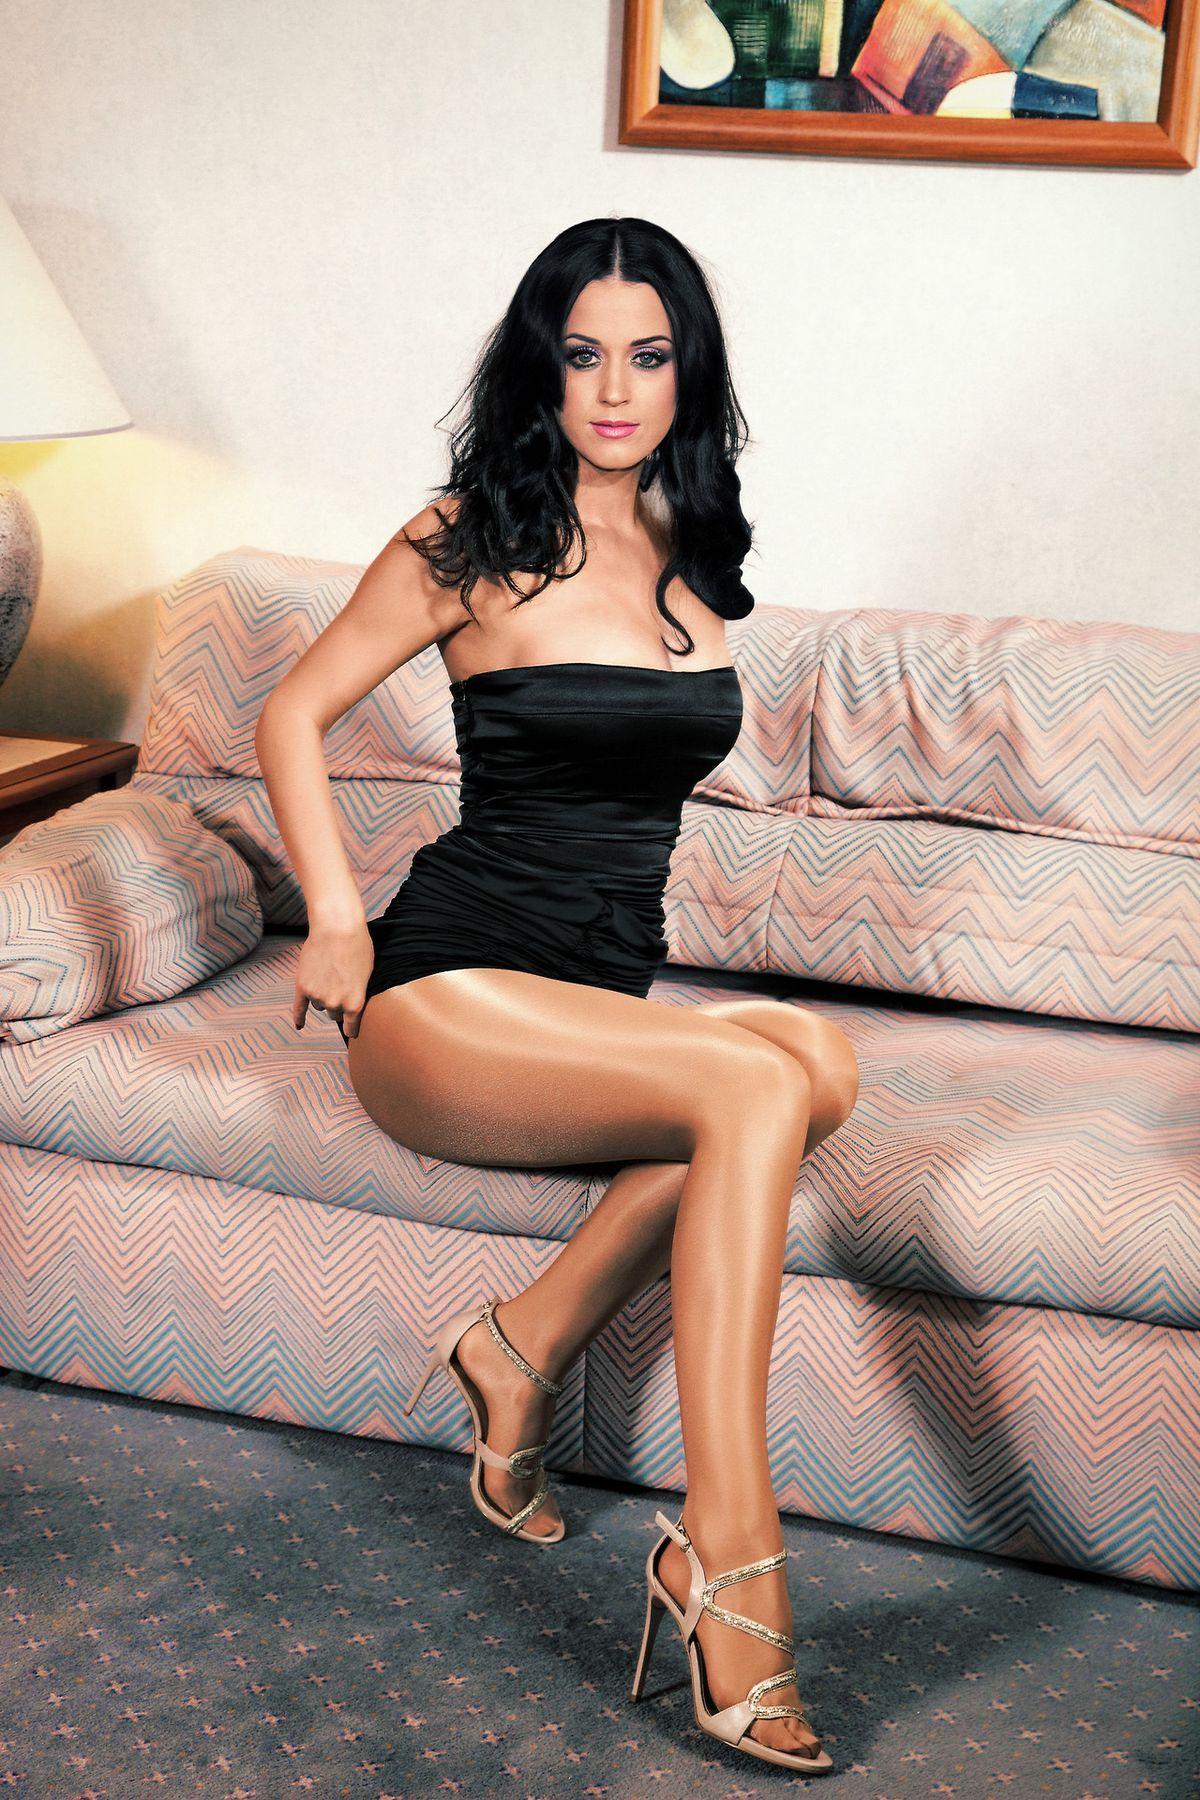 Katy perry naked feet